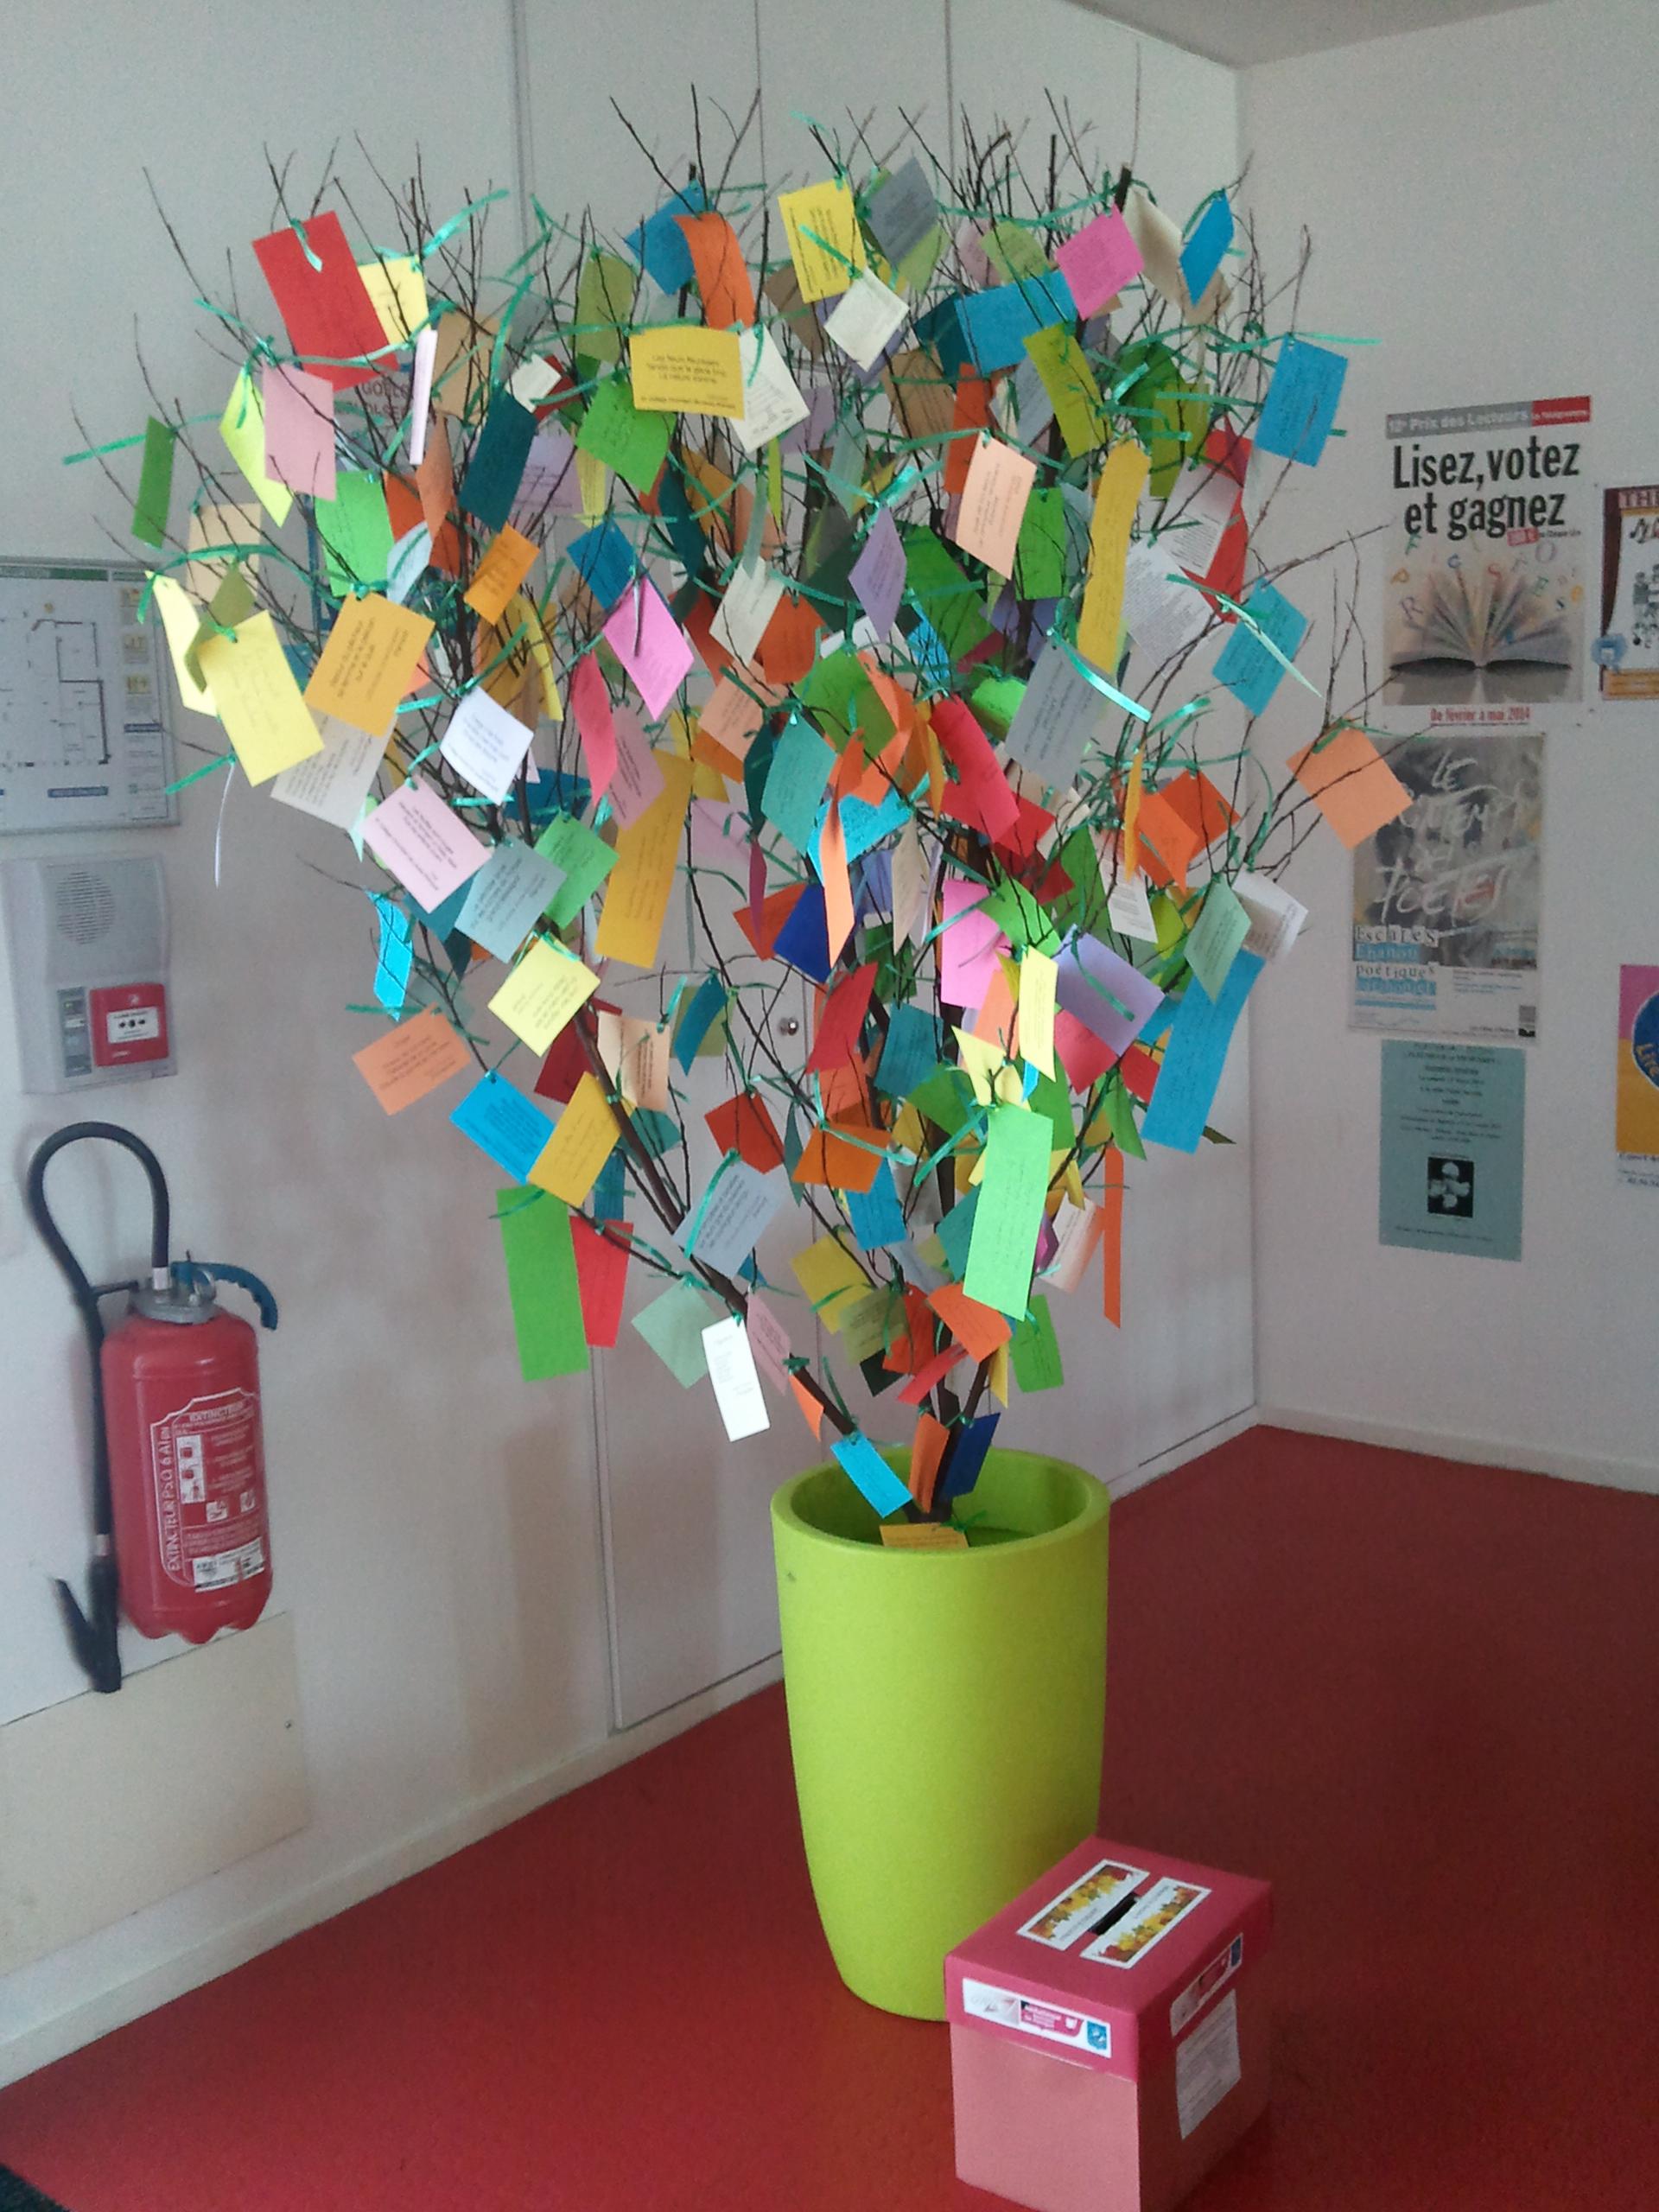 Feuillissement accéléré pour notre arbre à poèmes